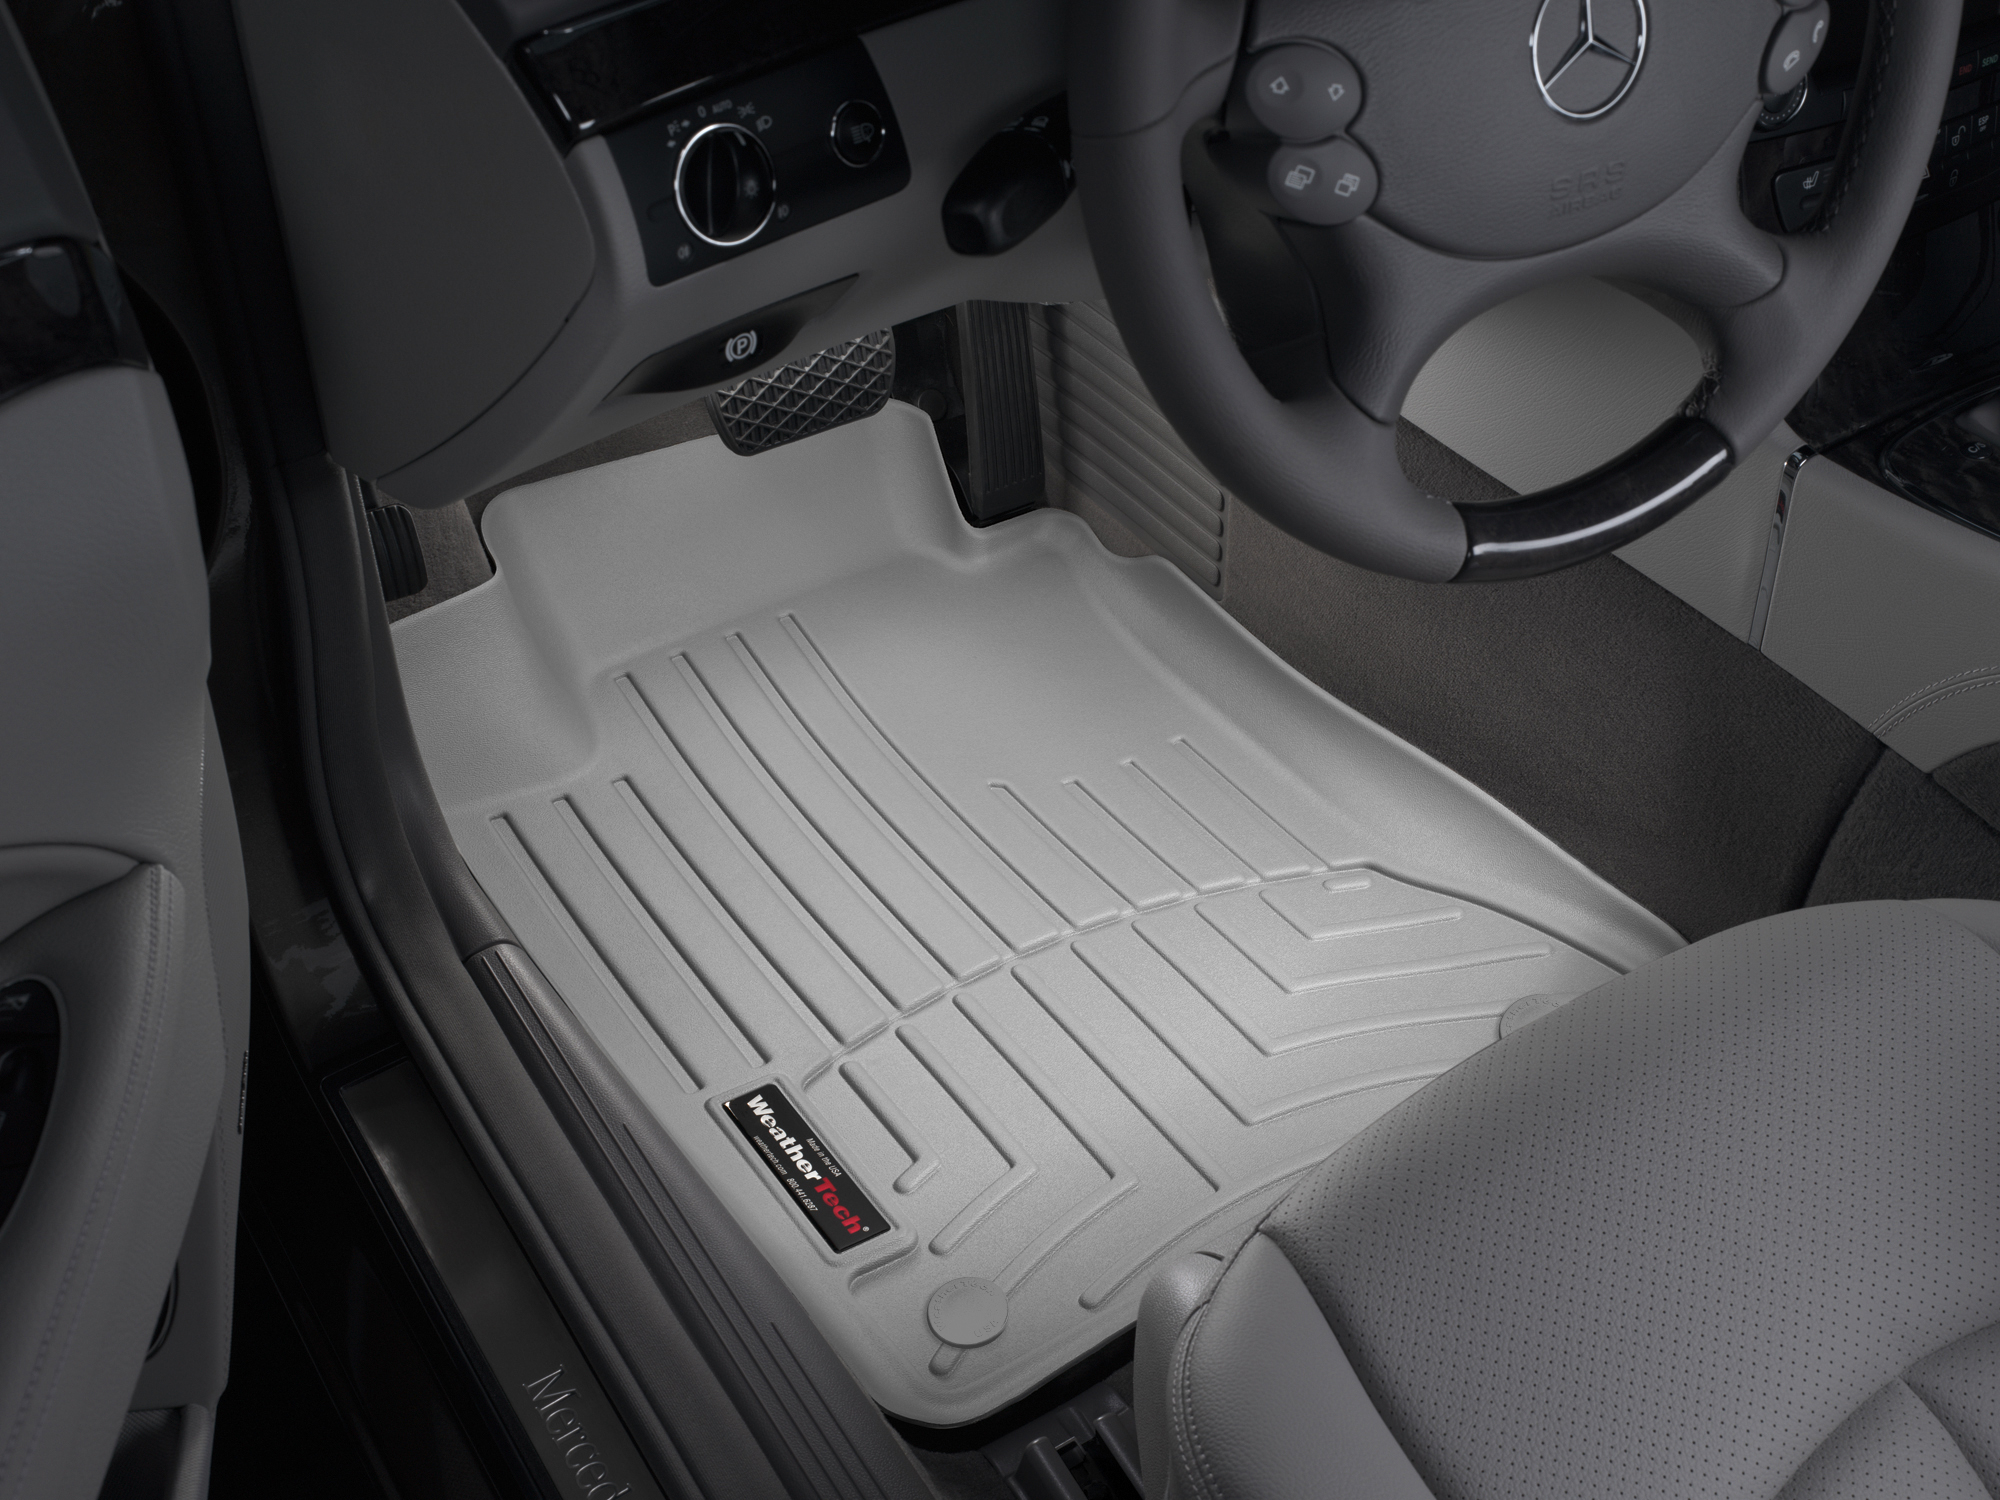 Tappeti gomma su misura bordo alto Mercedes E-Class 02>09 Grigio A2345*